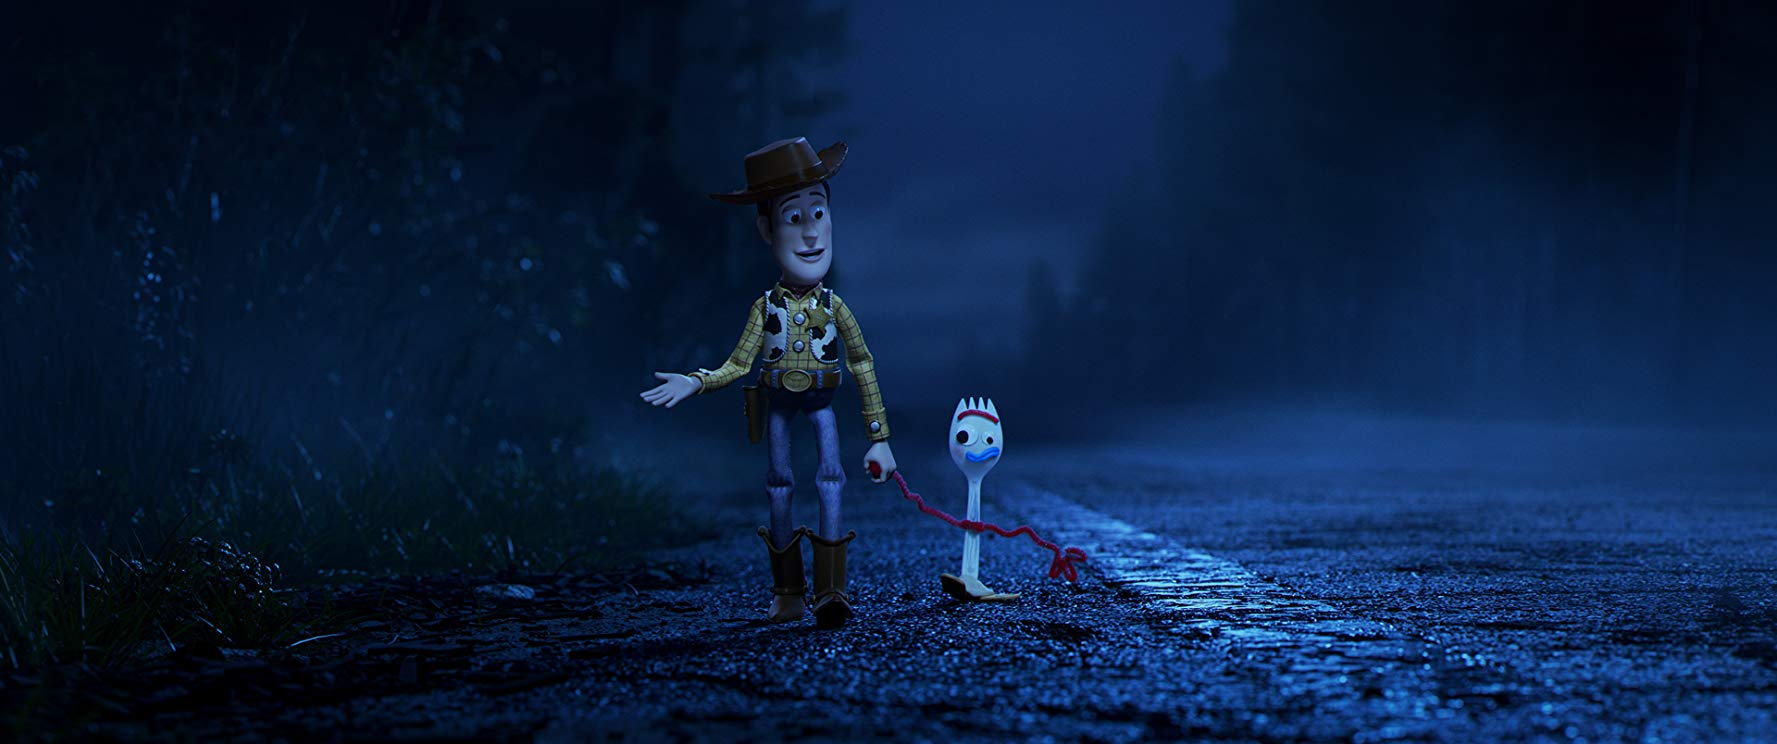 REVIEW Toy Story 4 (Câu Chuyện Đồ Chơi 4) - Hình 4